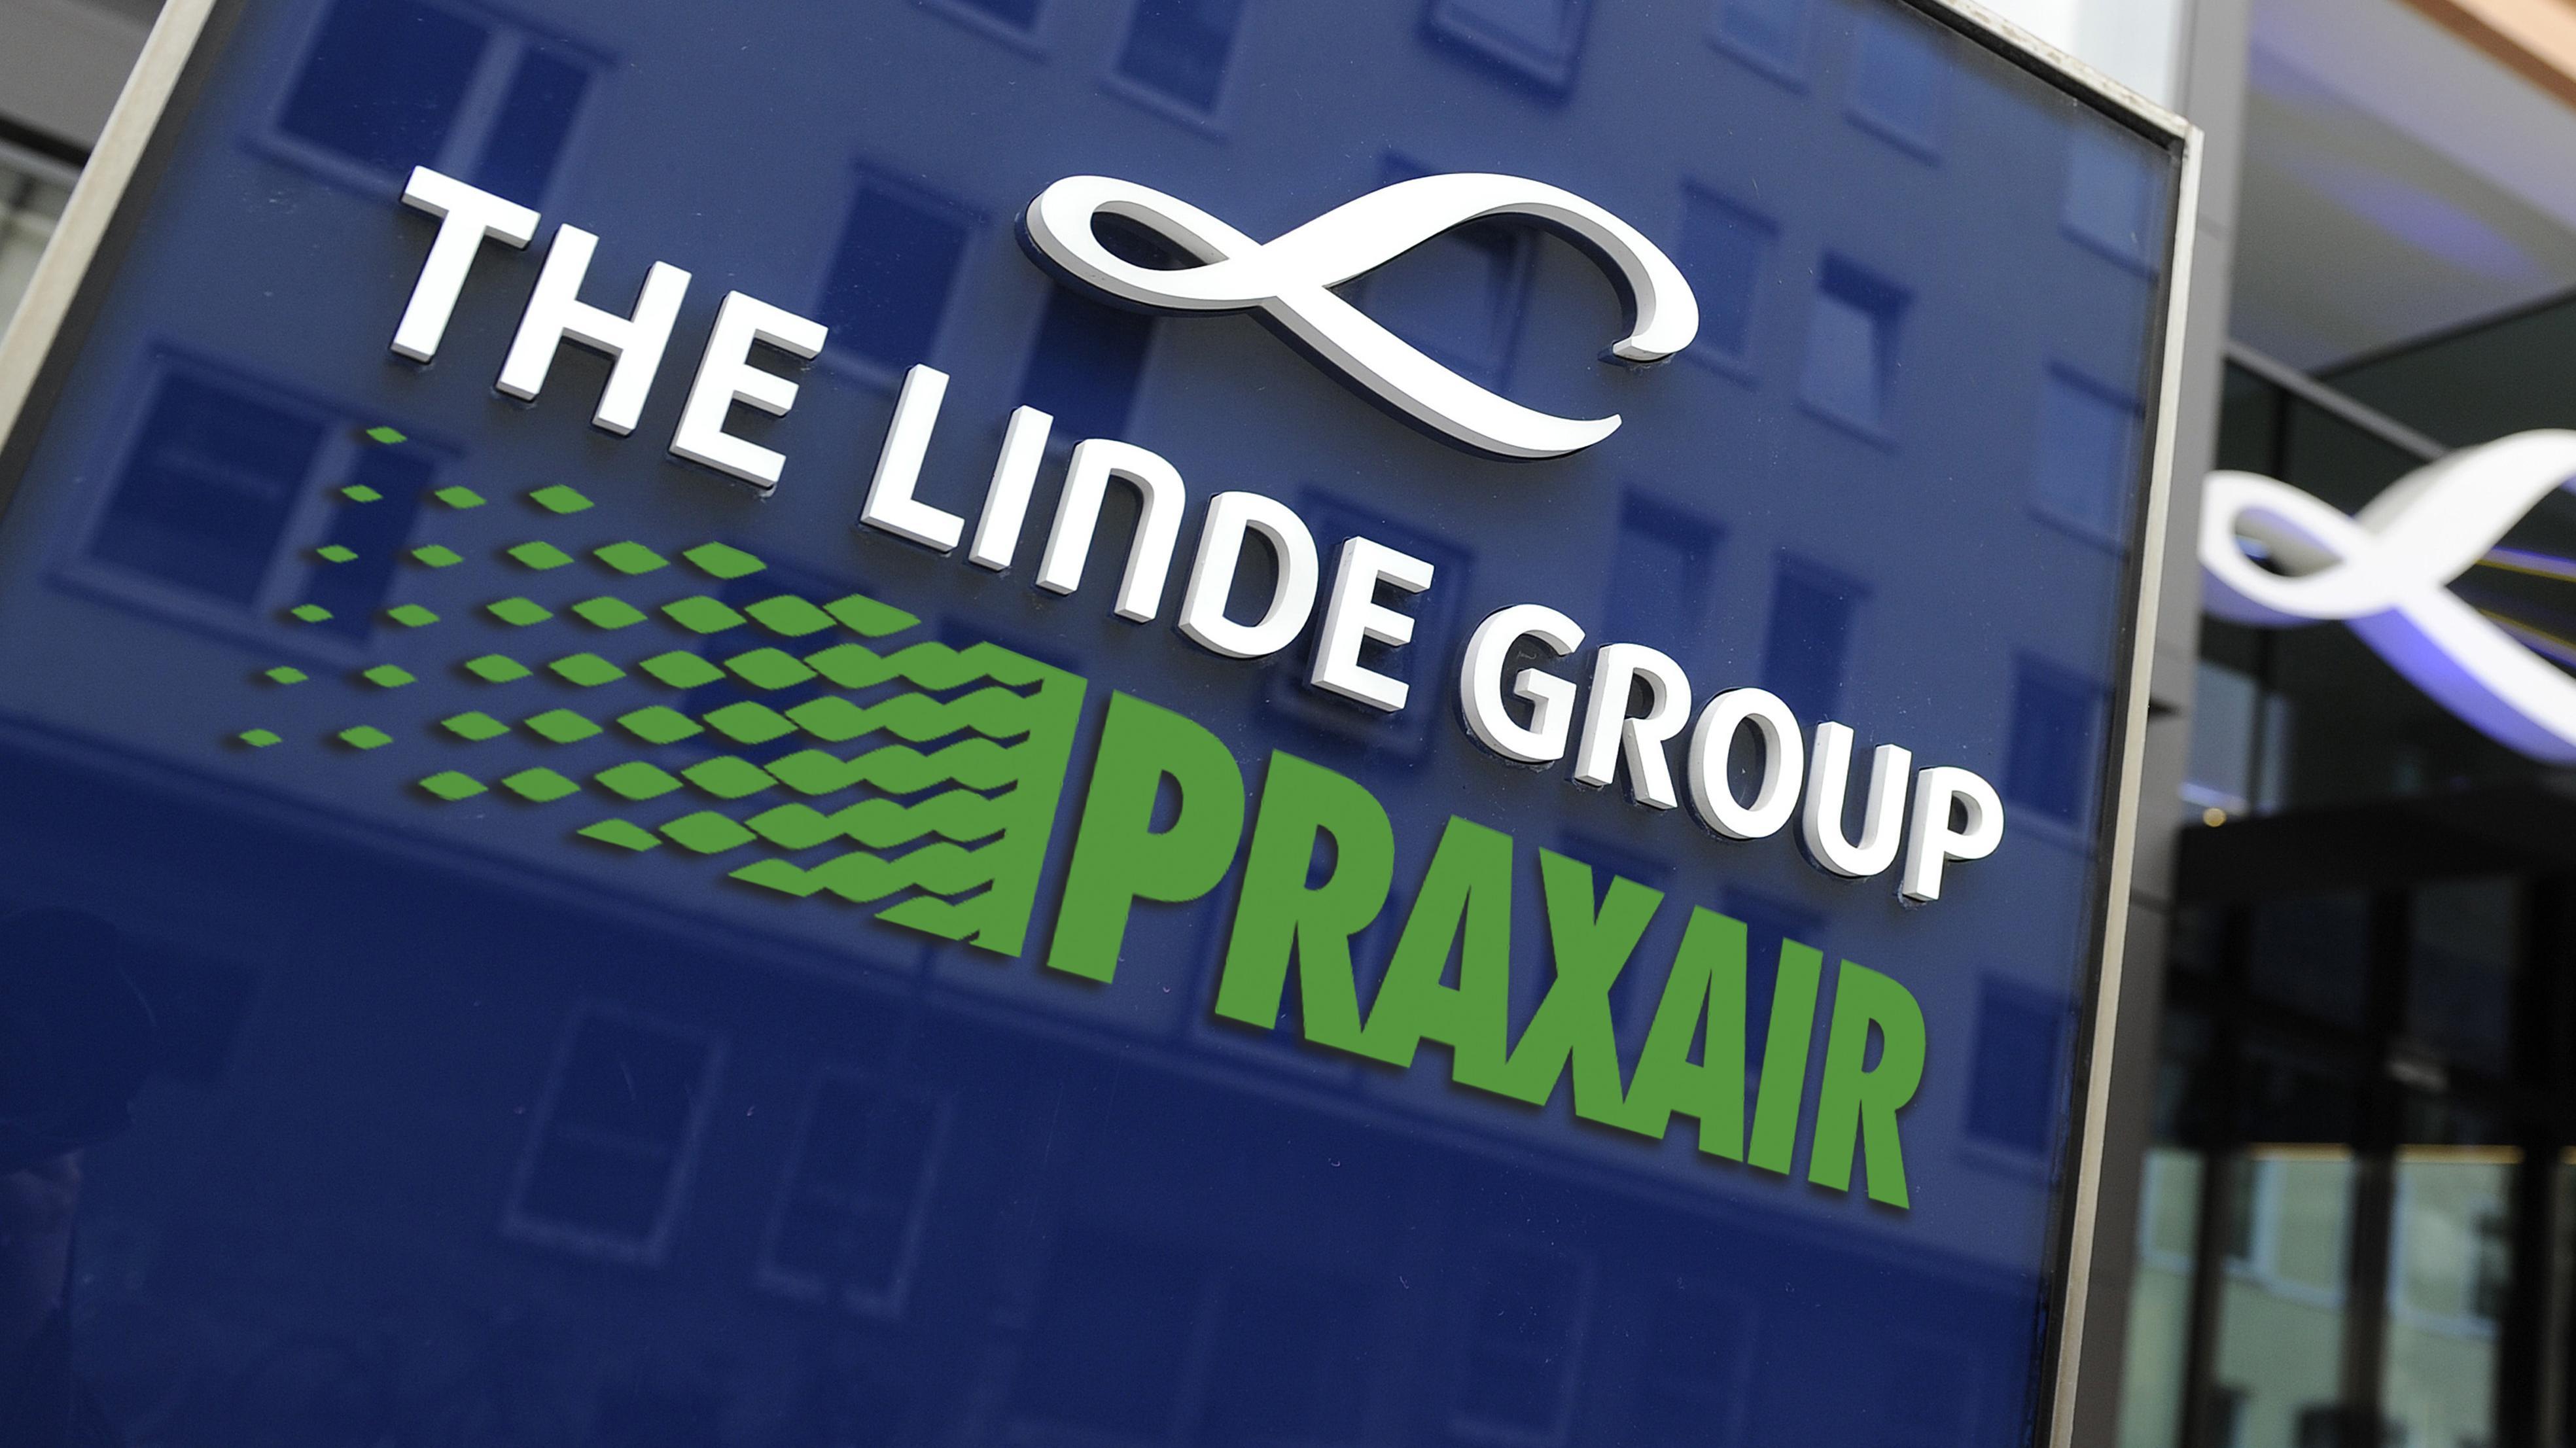 Fotomontage mit einem Logo von Linde und Praxair